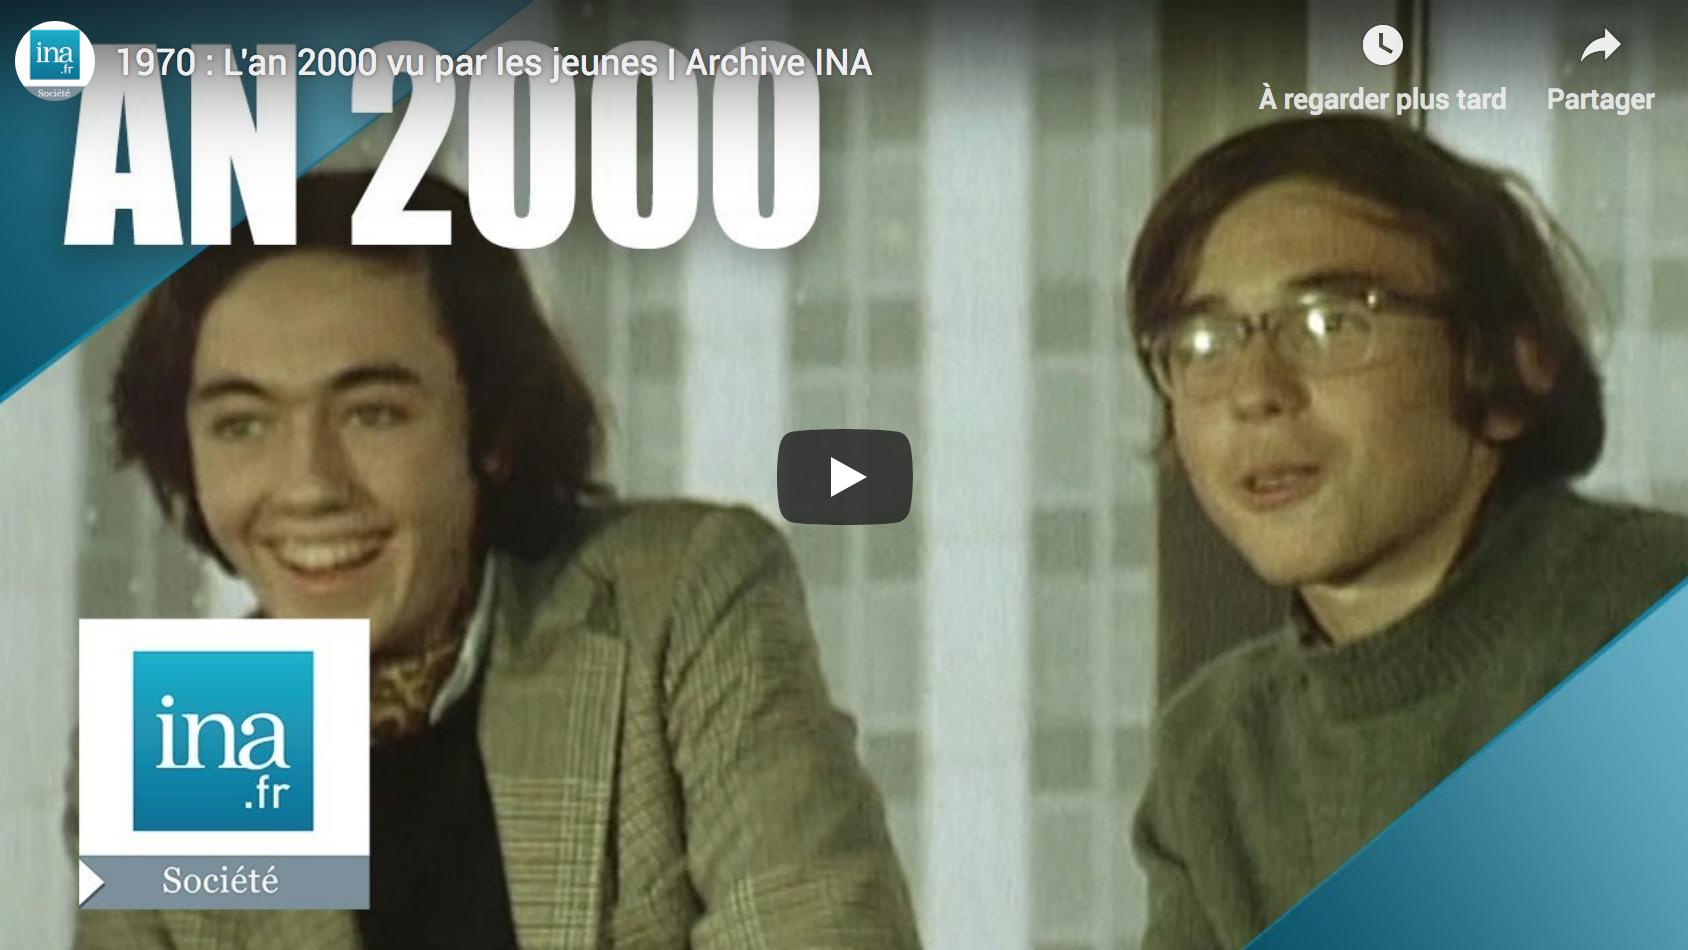 L'an 2000 vu par des jeunes en 1962 et en 1970 (VIDÉO)